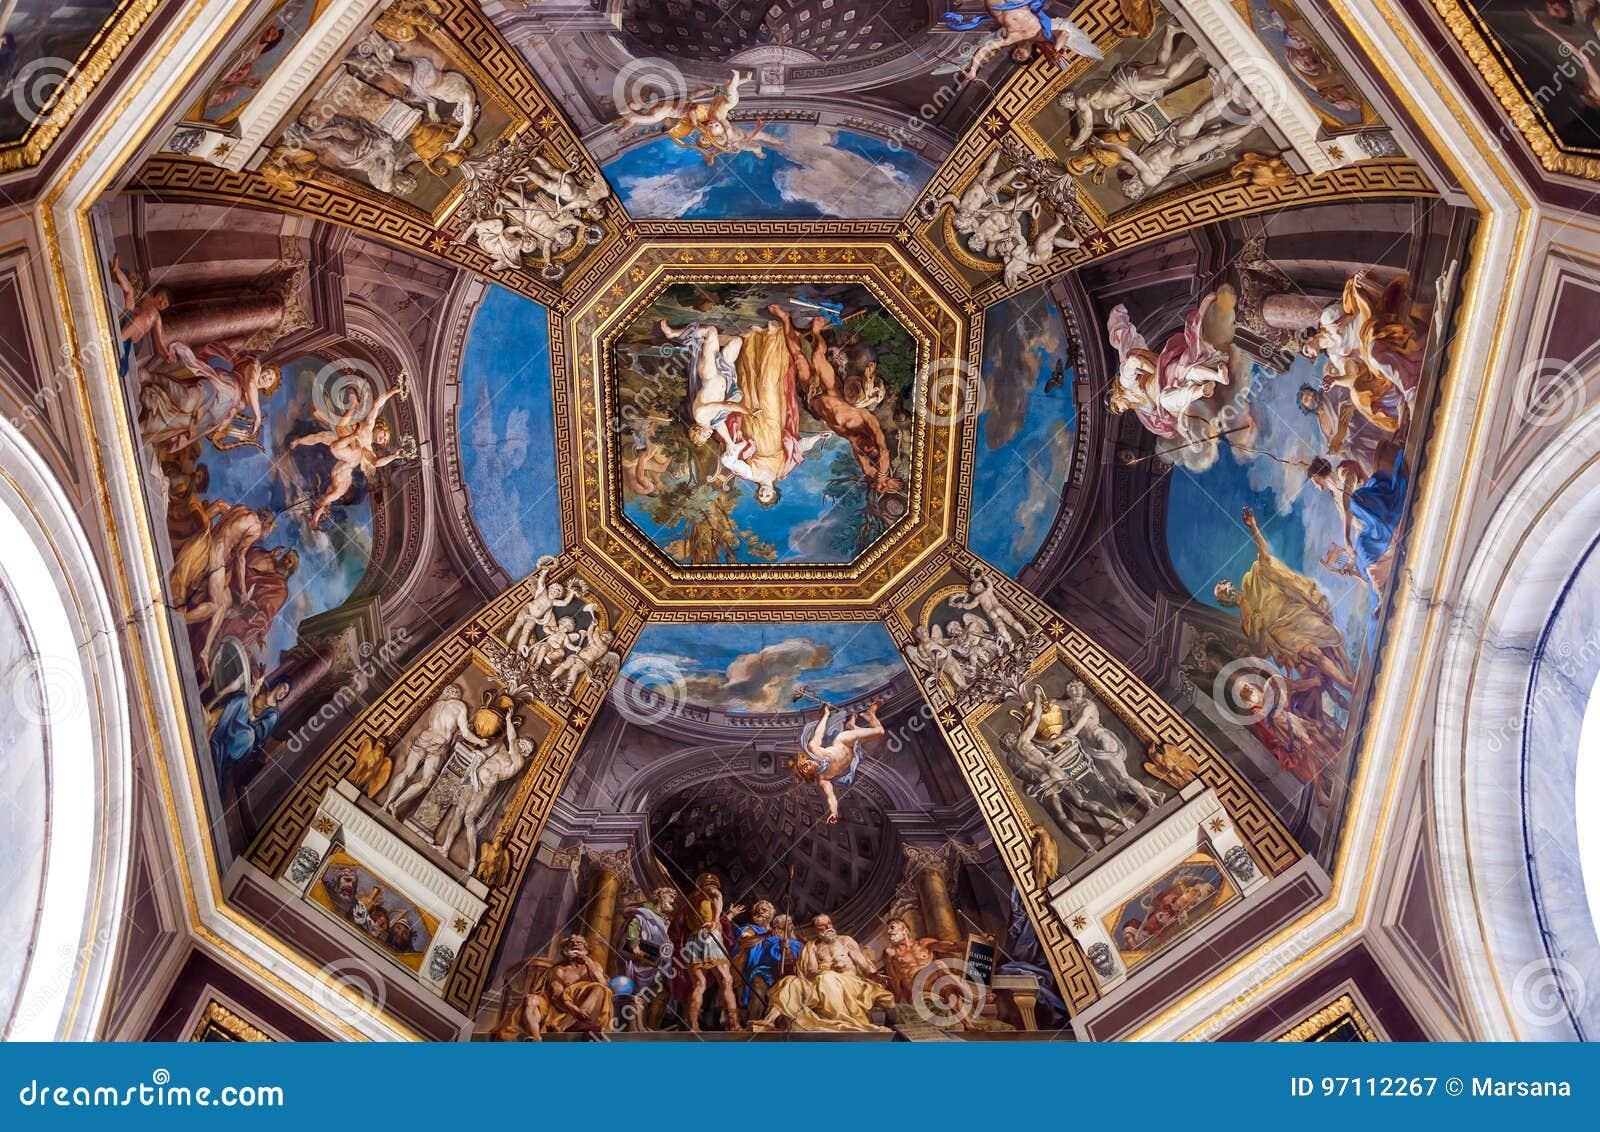 Frescoed Decke im Hall der Musen